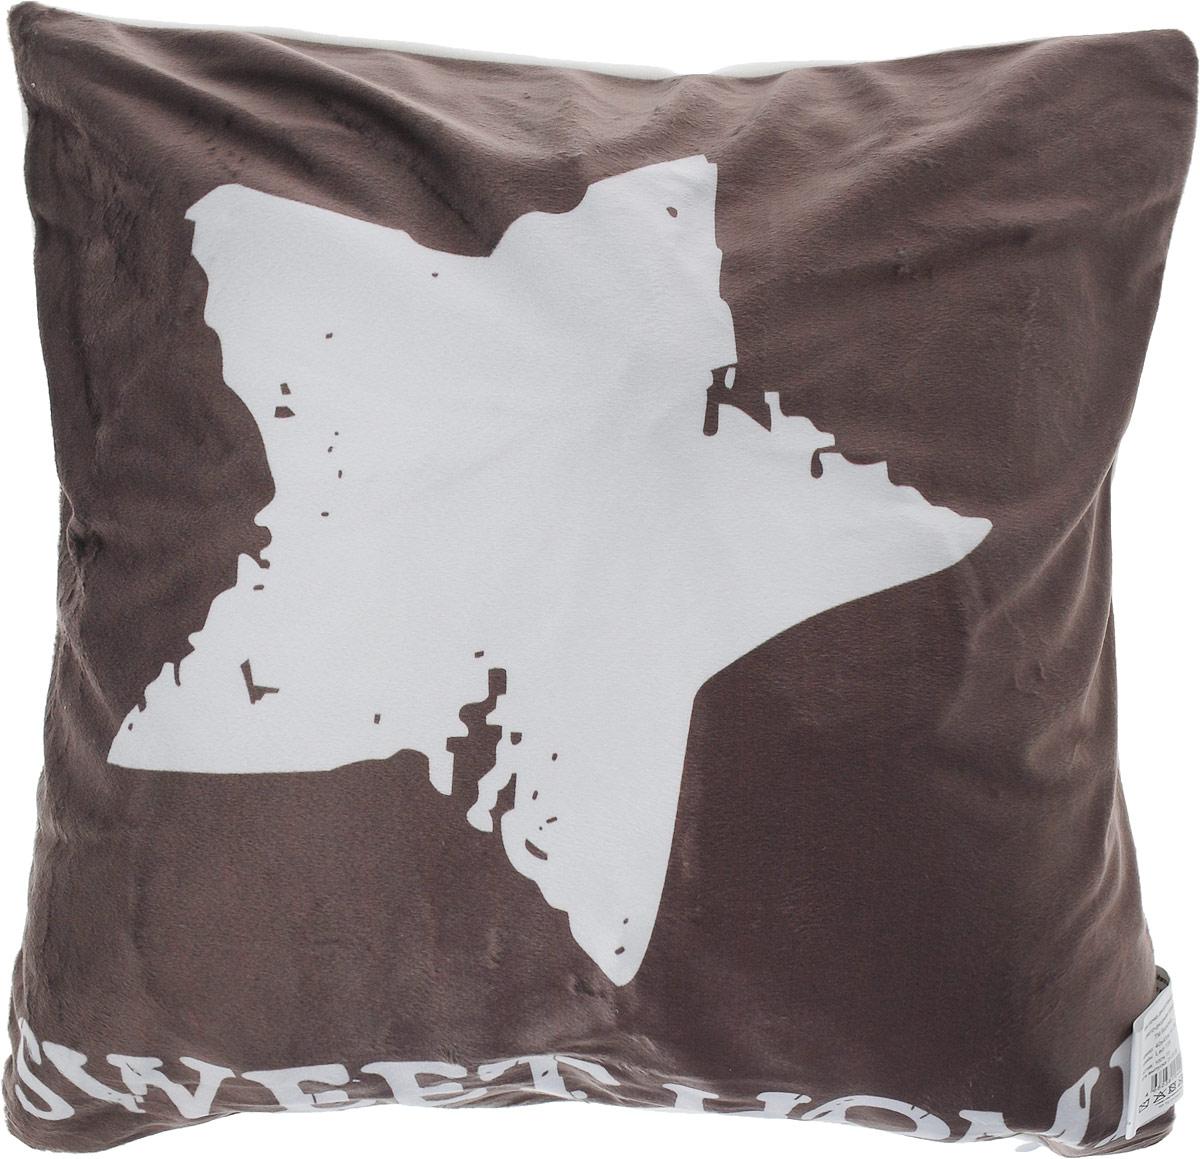 Подушка декоративная Led, со светодиодами, 40 х 40 см. 175060 подушка декоративная home queen 40 х 40 см